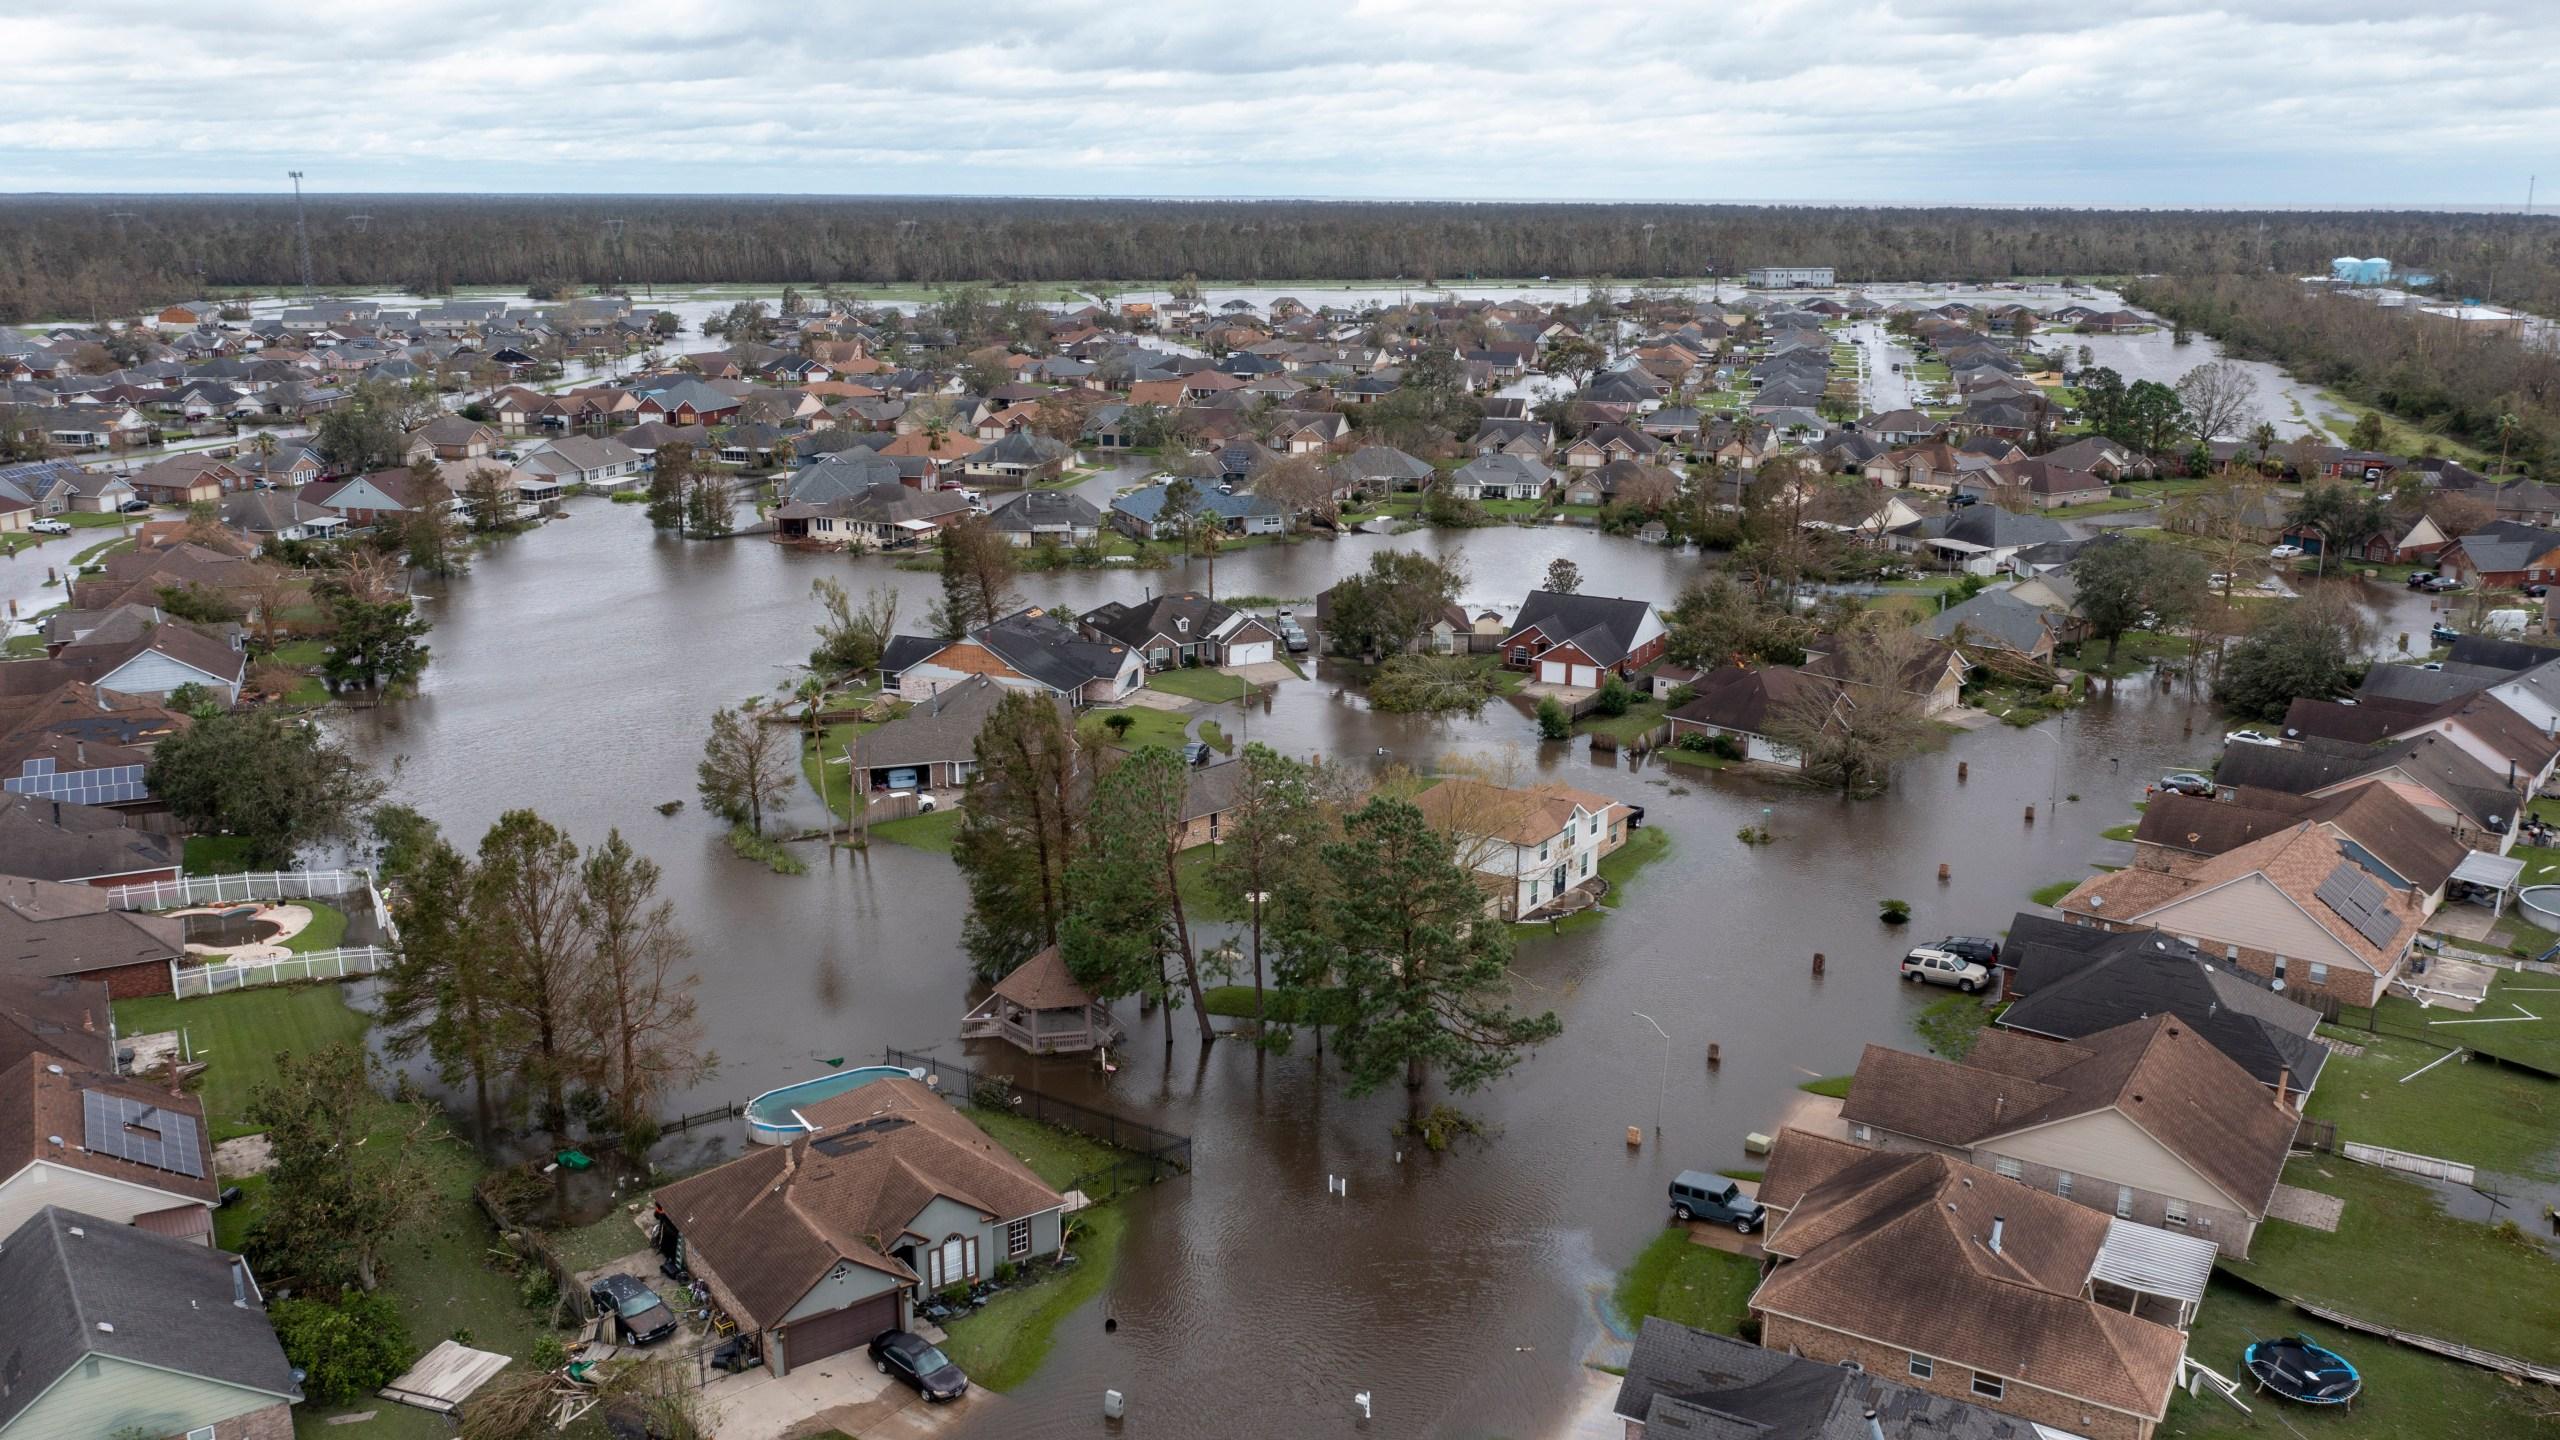 Laplace flooding from Hurricane Ida